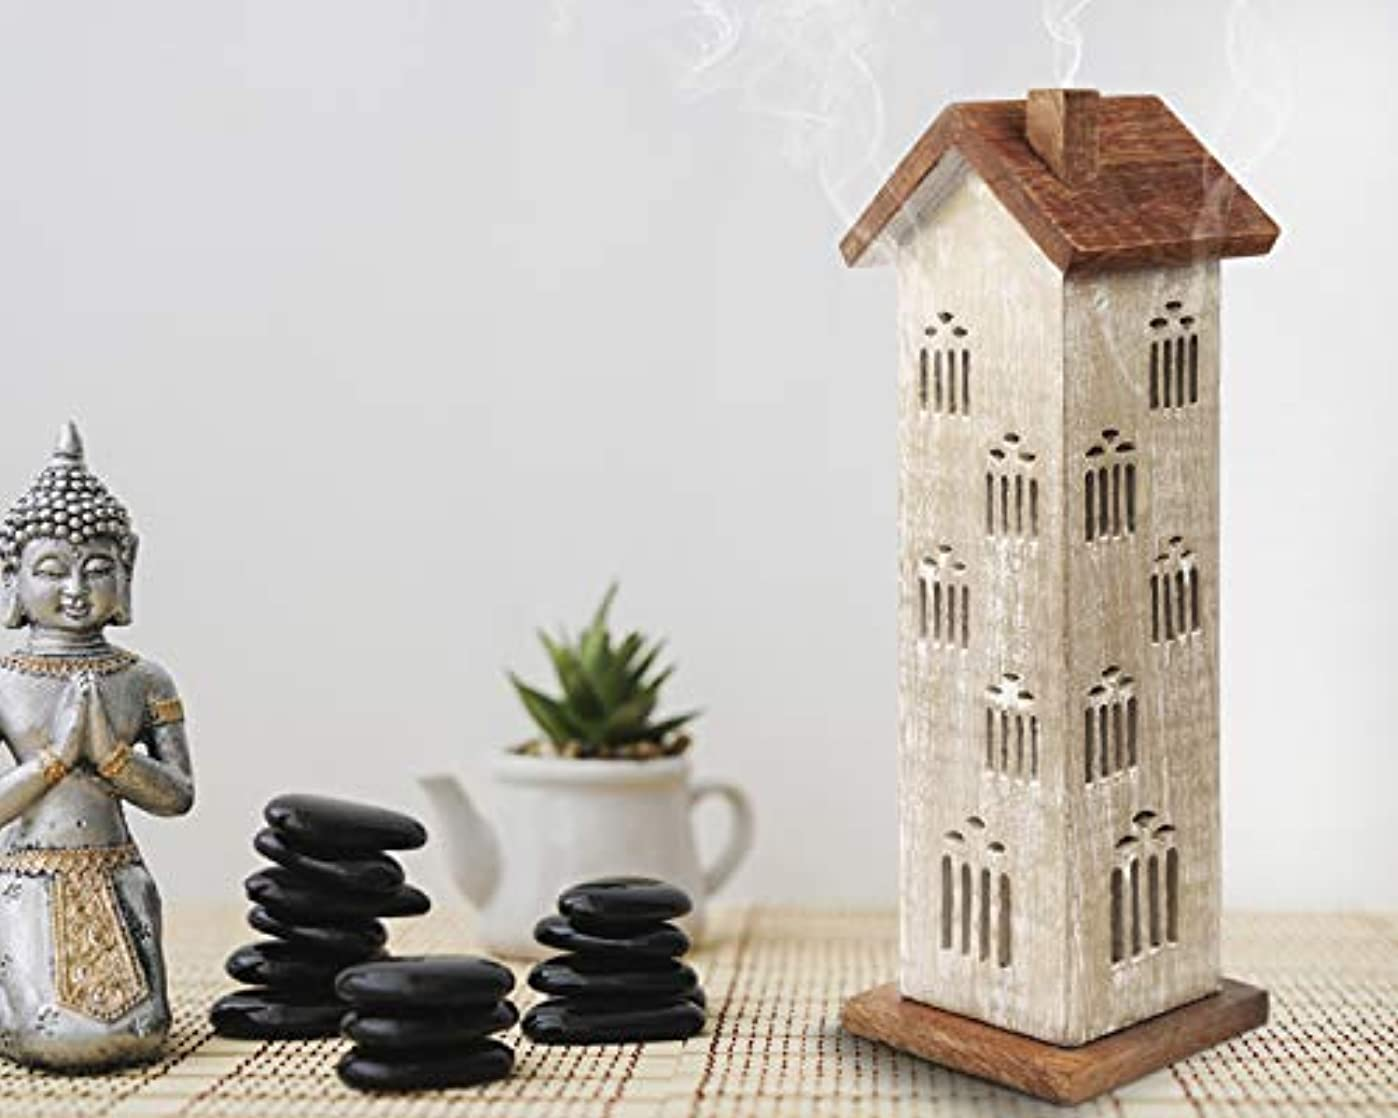 報いるお手伝いさん再開storeindya 感謝祭ギフト 木製タワーハウスお香ホルダー アッシュキャッチャー付き 装飾的 無料 オーガニックお香3本